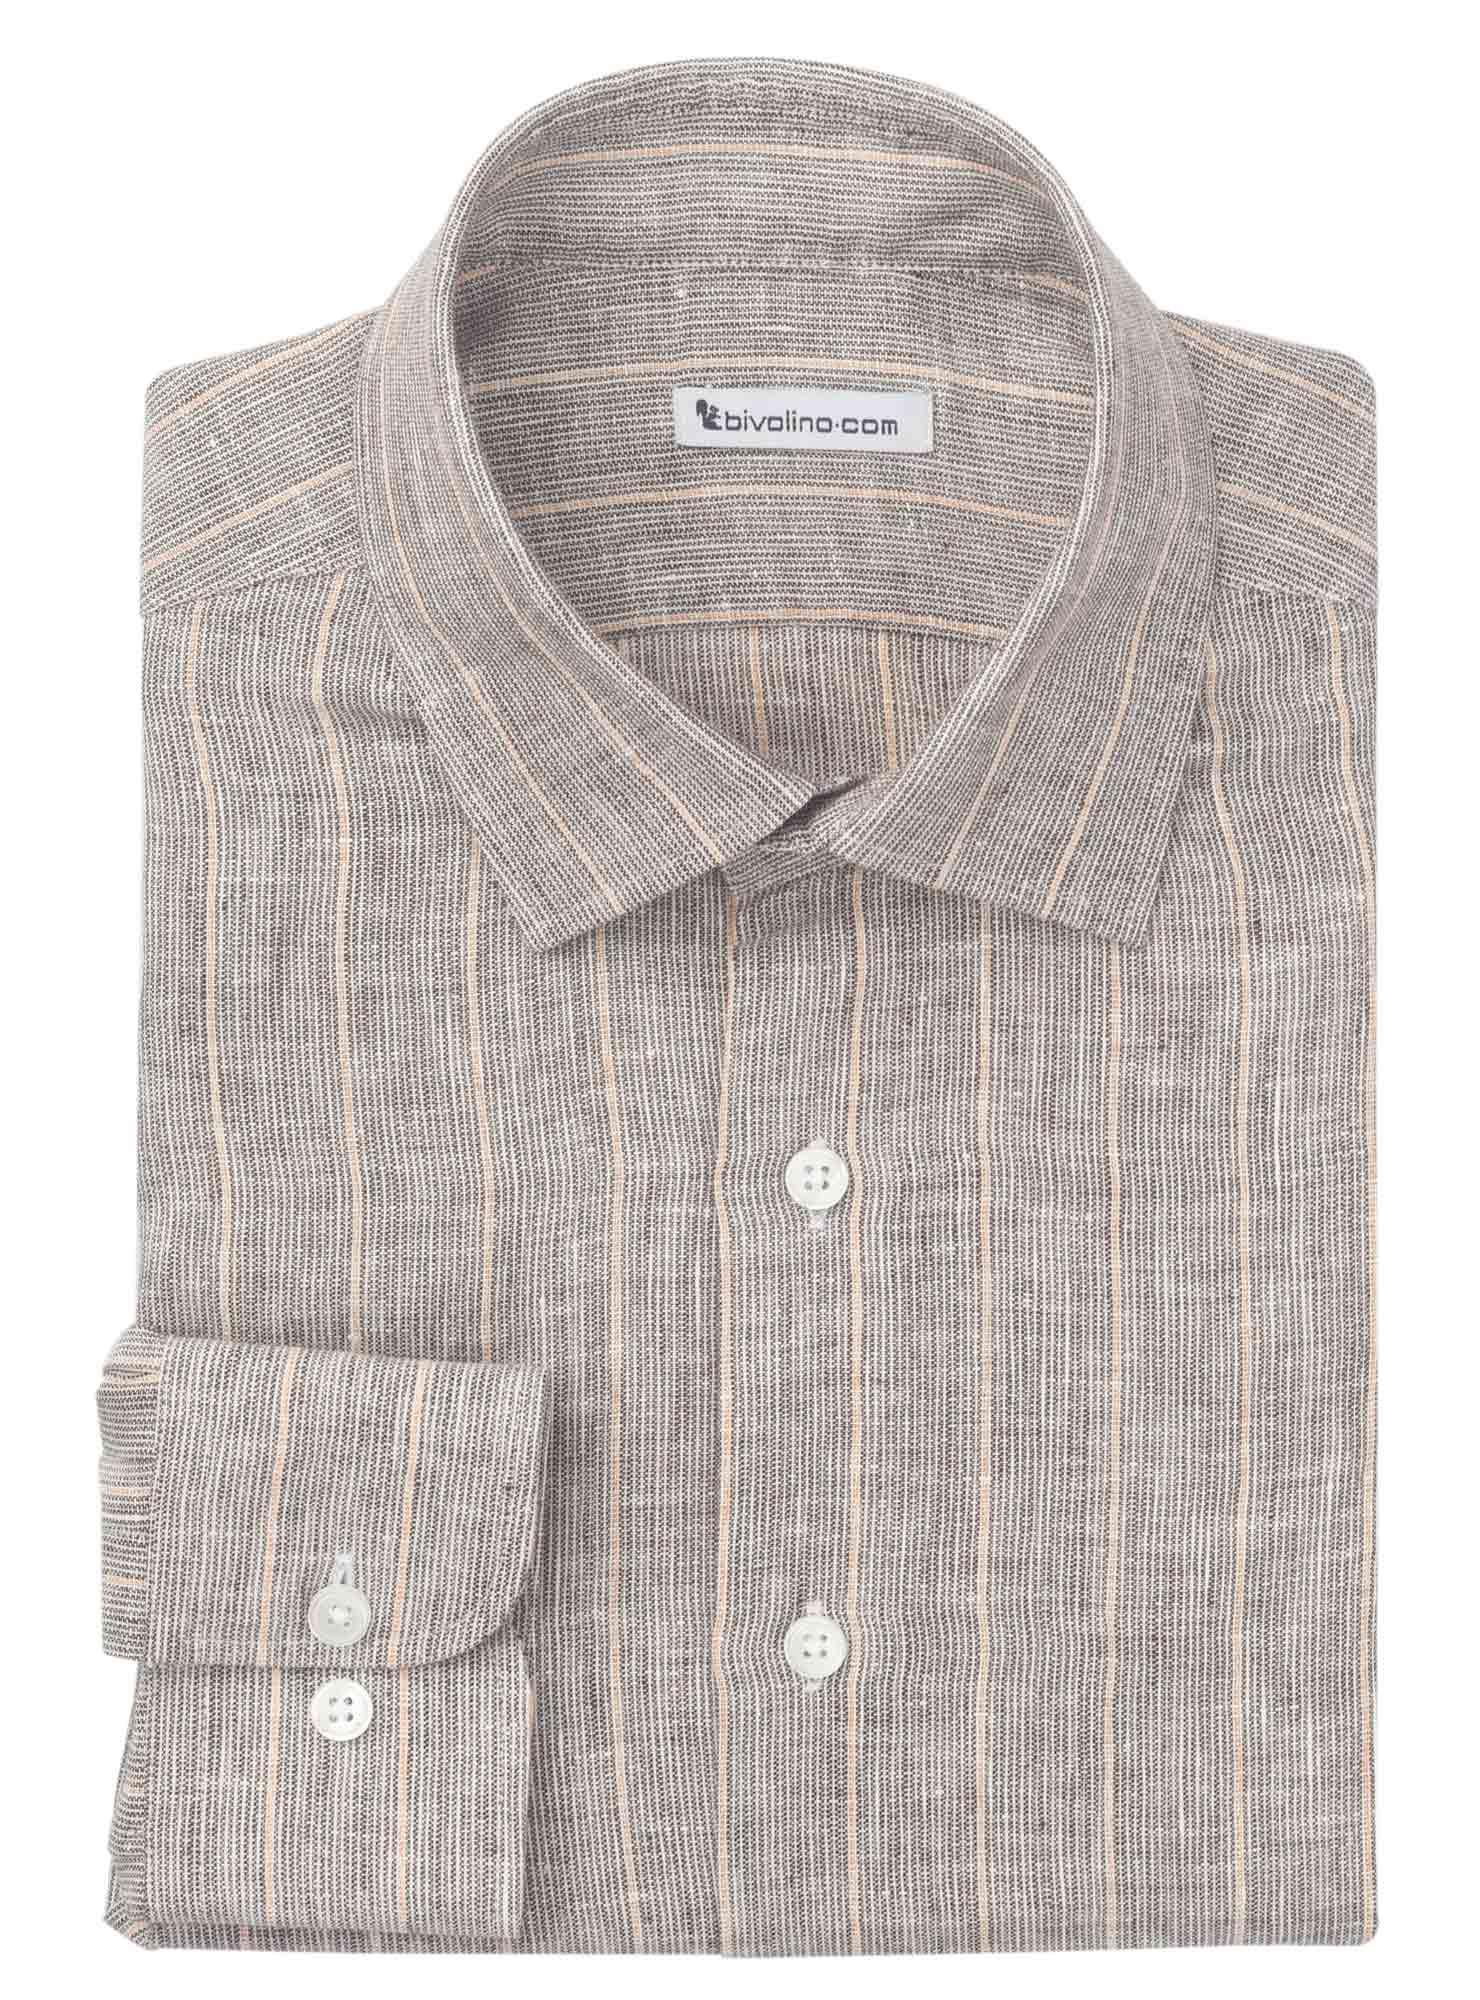 CROTONE - camicia uomo in lino gessato a righe beige-ecru-marrone - NEON 6